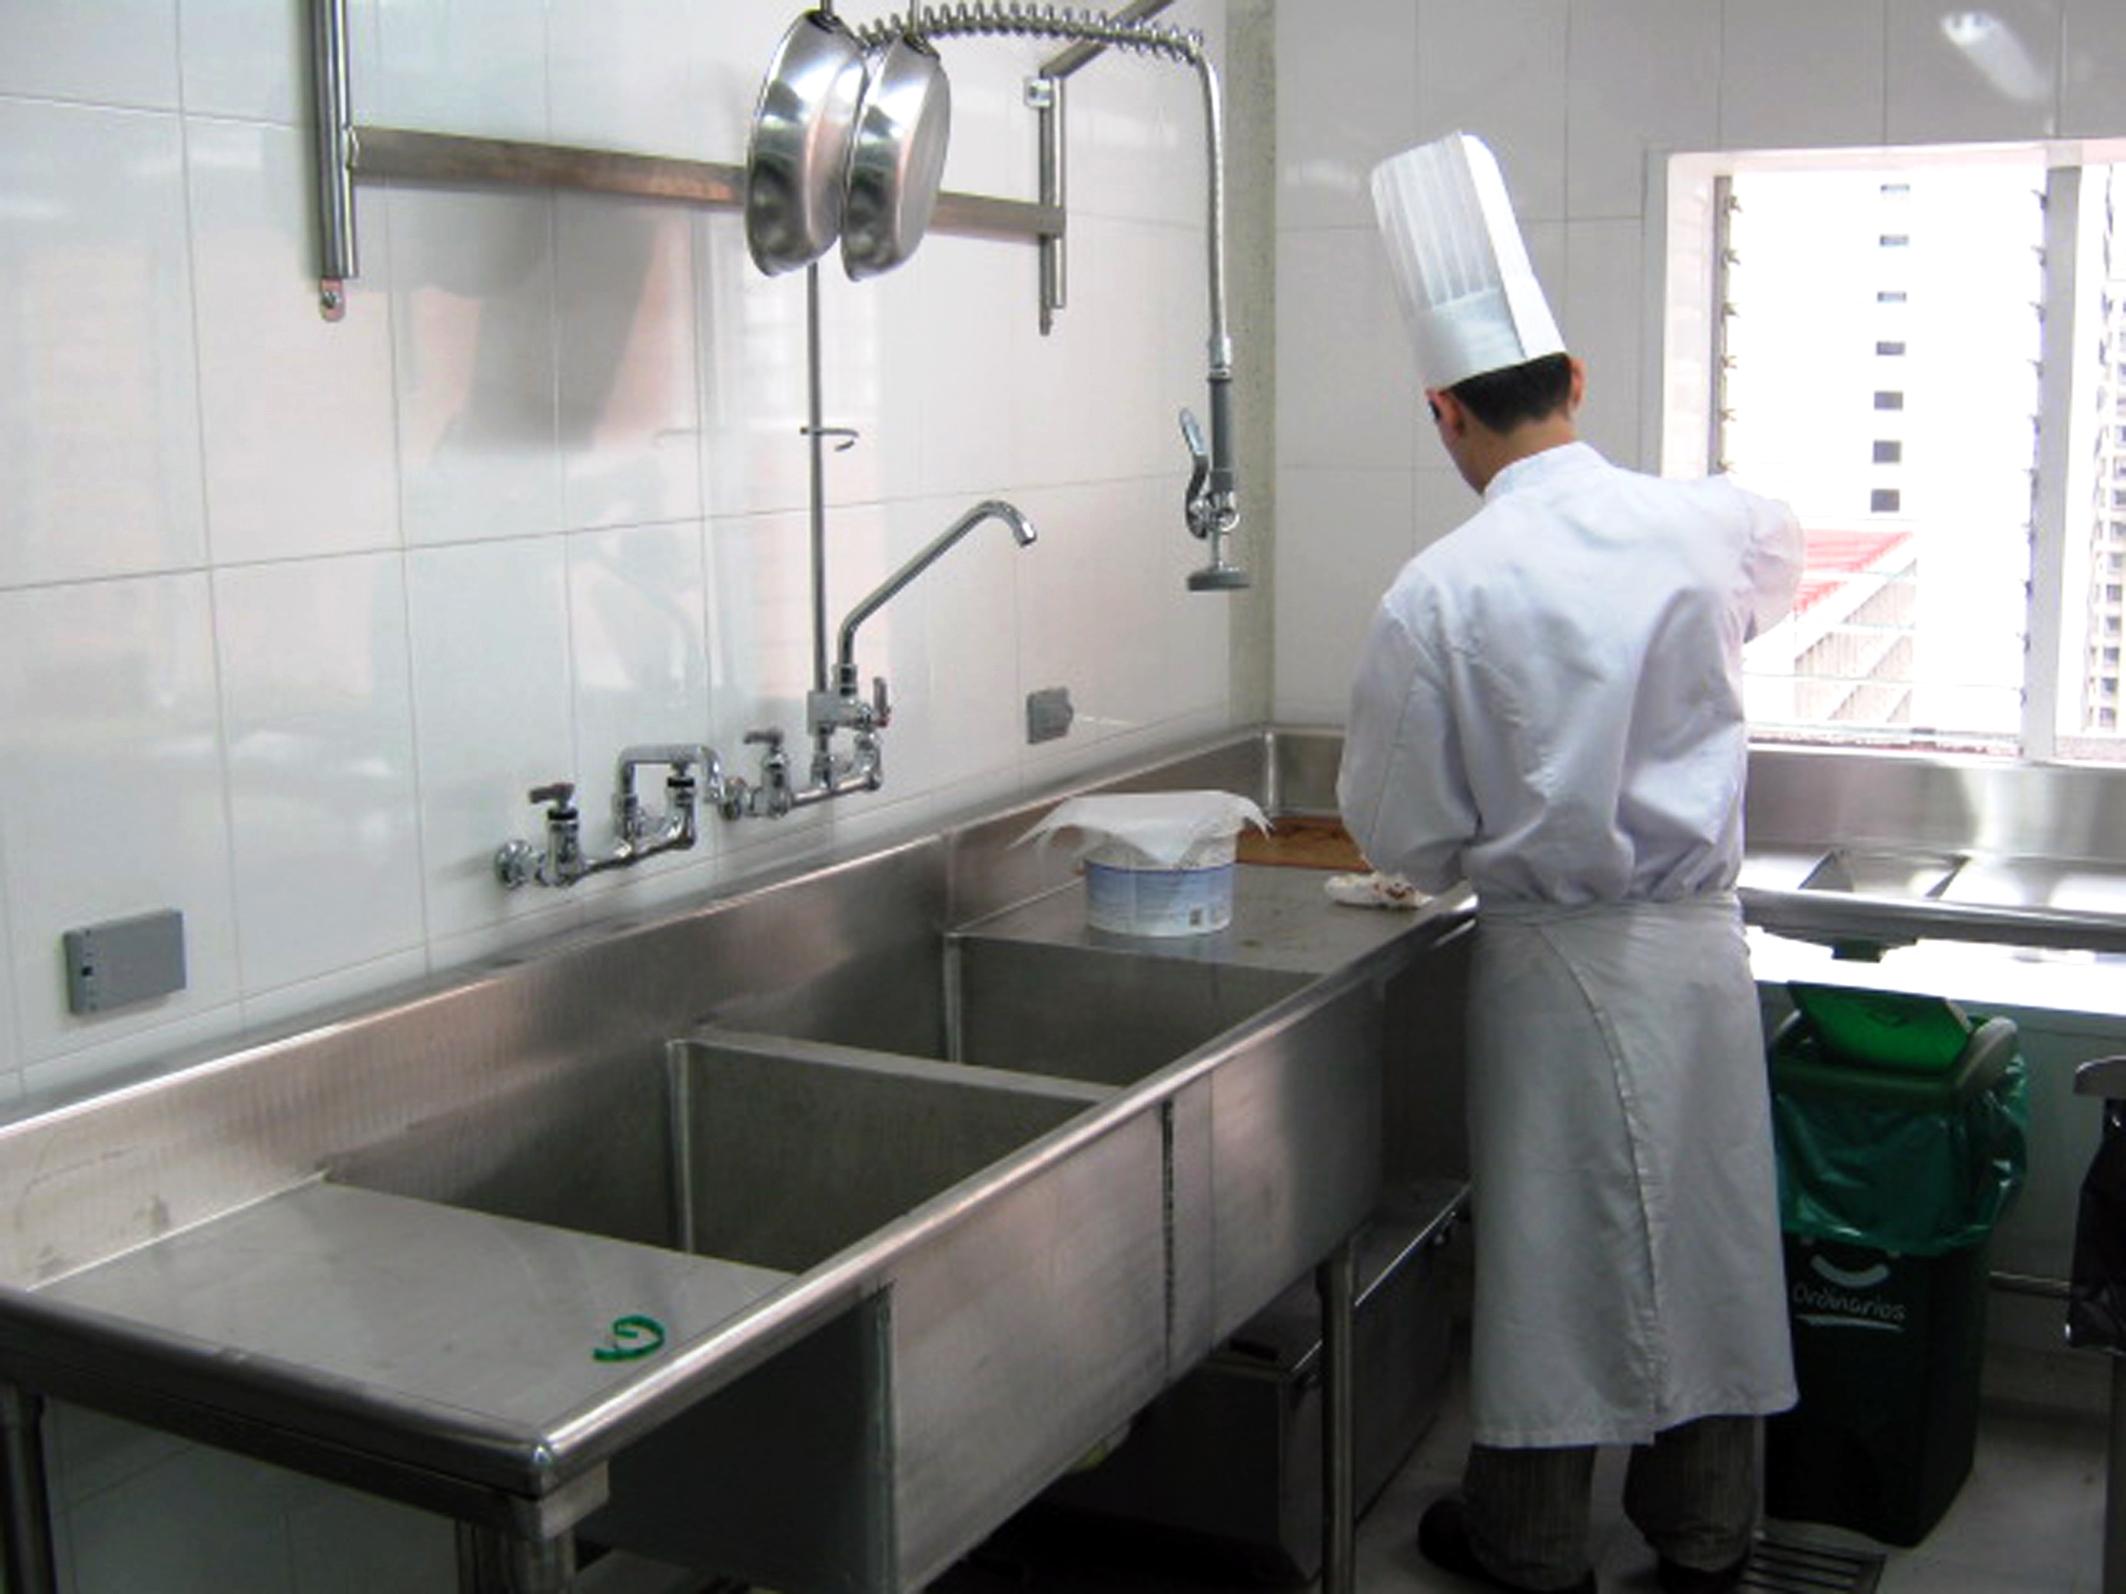 Cocina industrial lo que debe tener una cocina